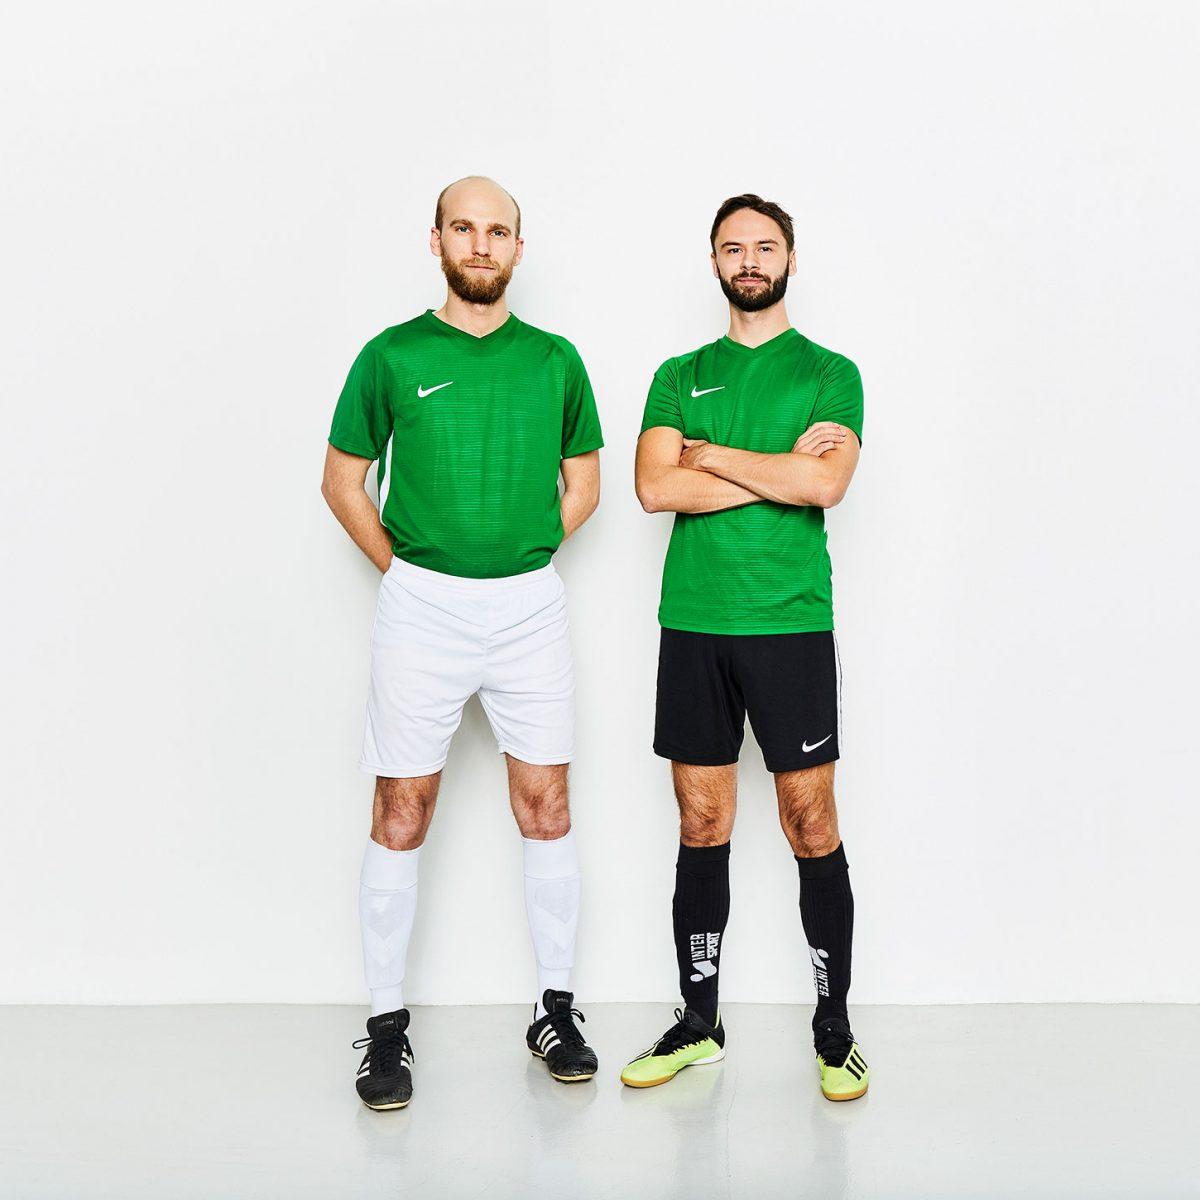 2 fotbollspelare